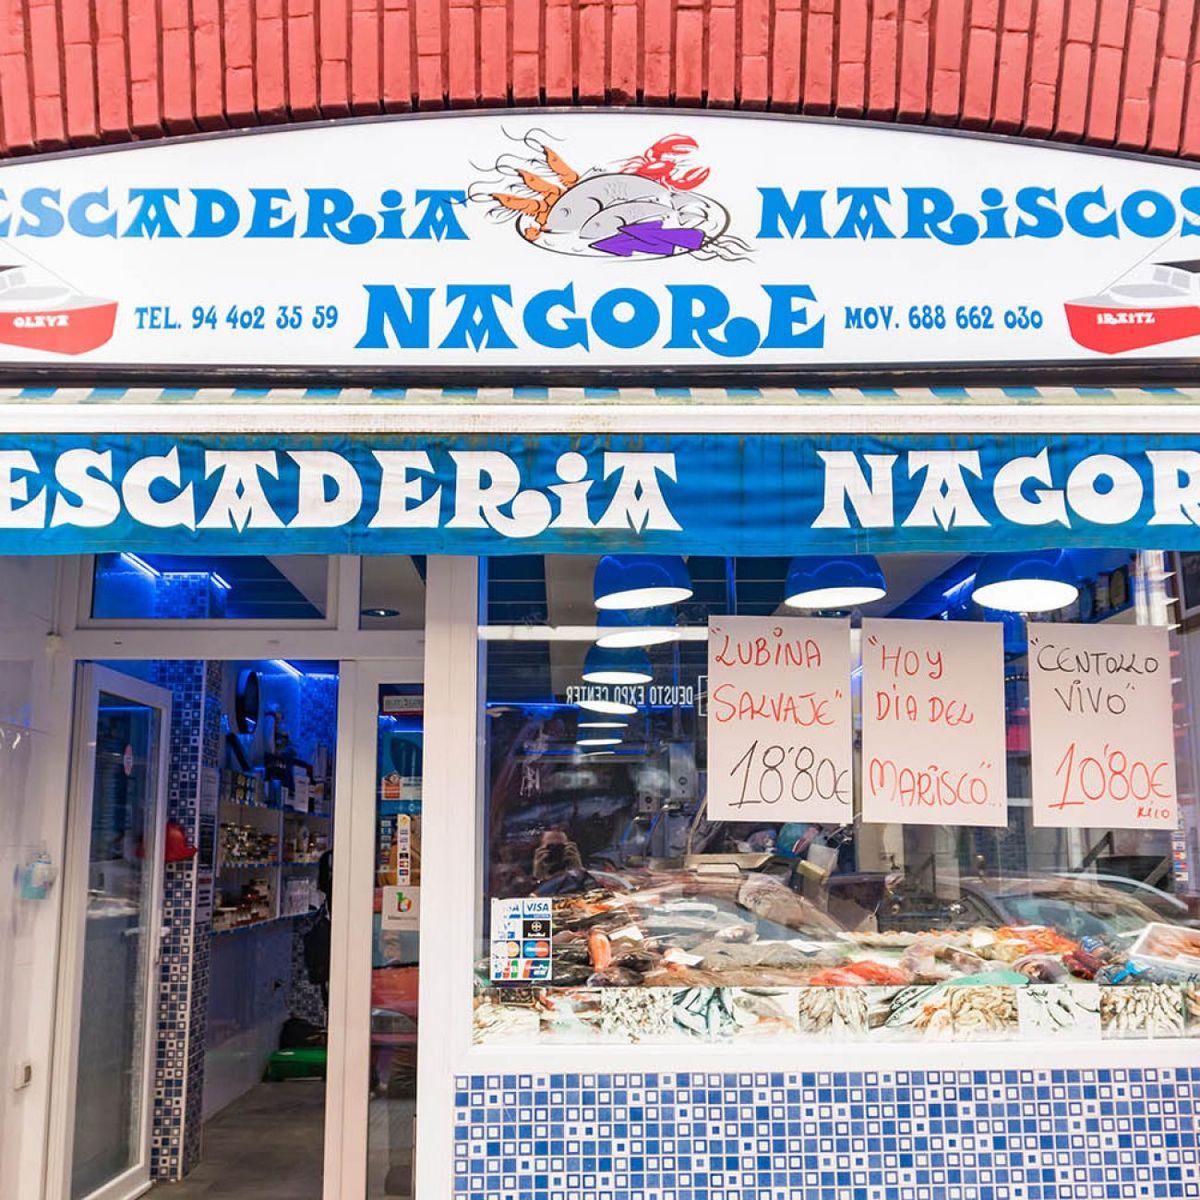 Pescadería y mariscos Nagore